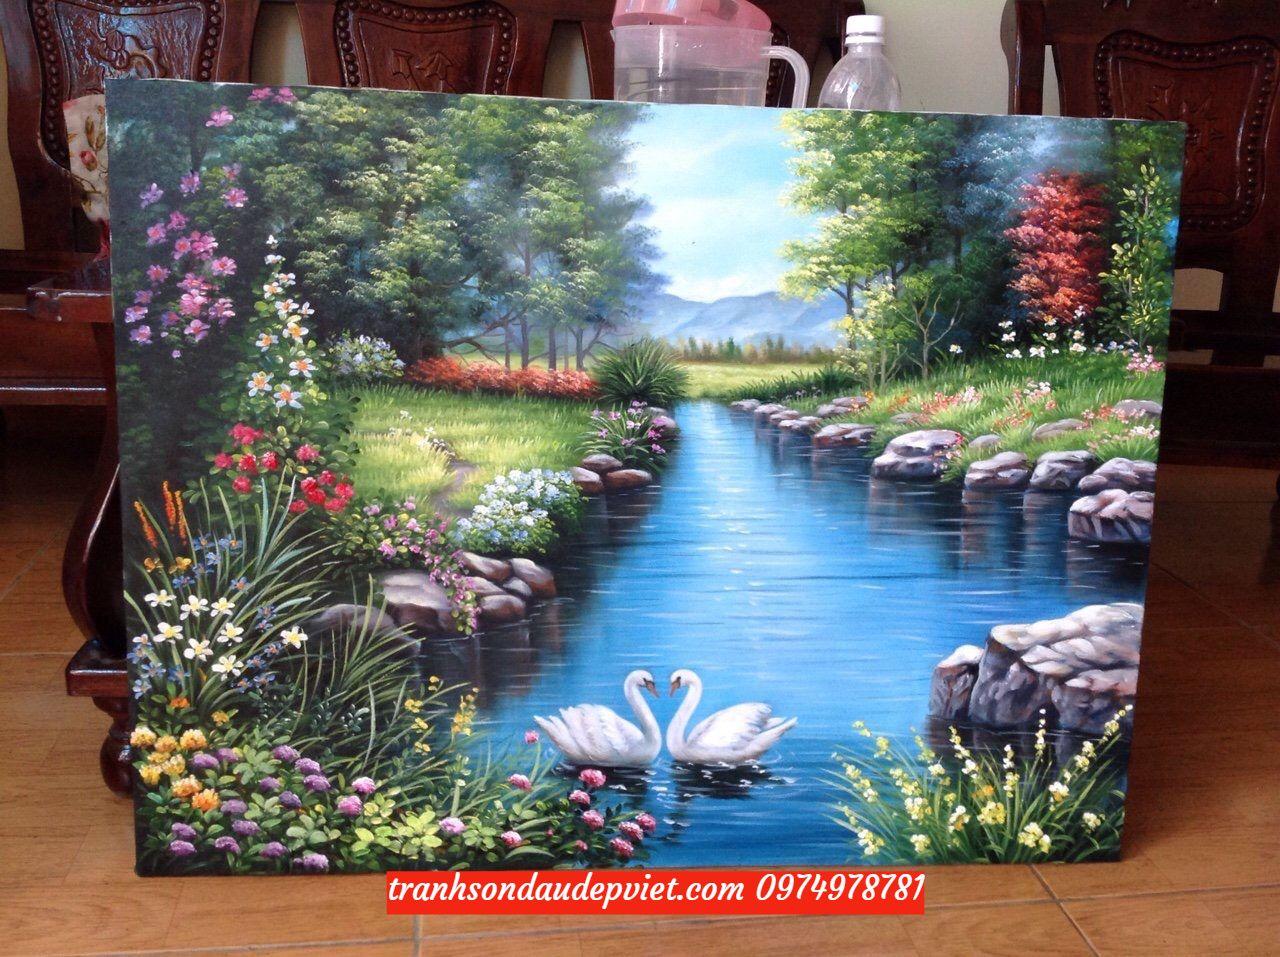 Tranh thiên nga , tranh sơn dầu phong cảnh thiên nga SB079